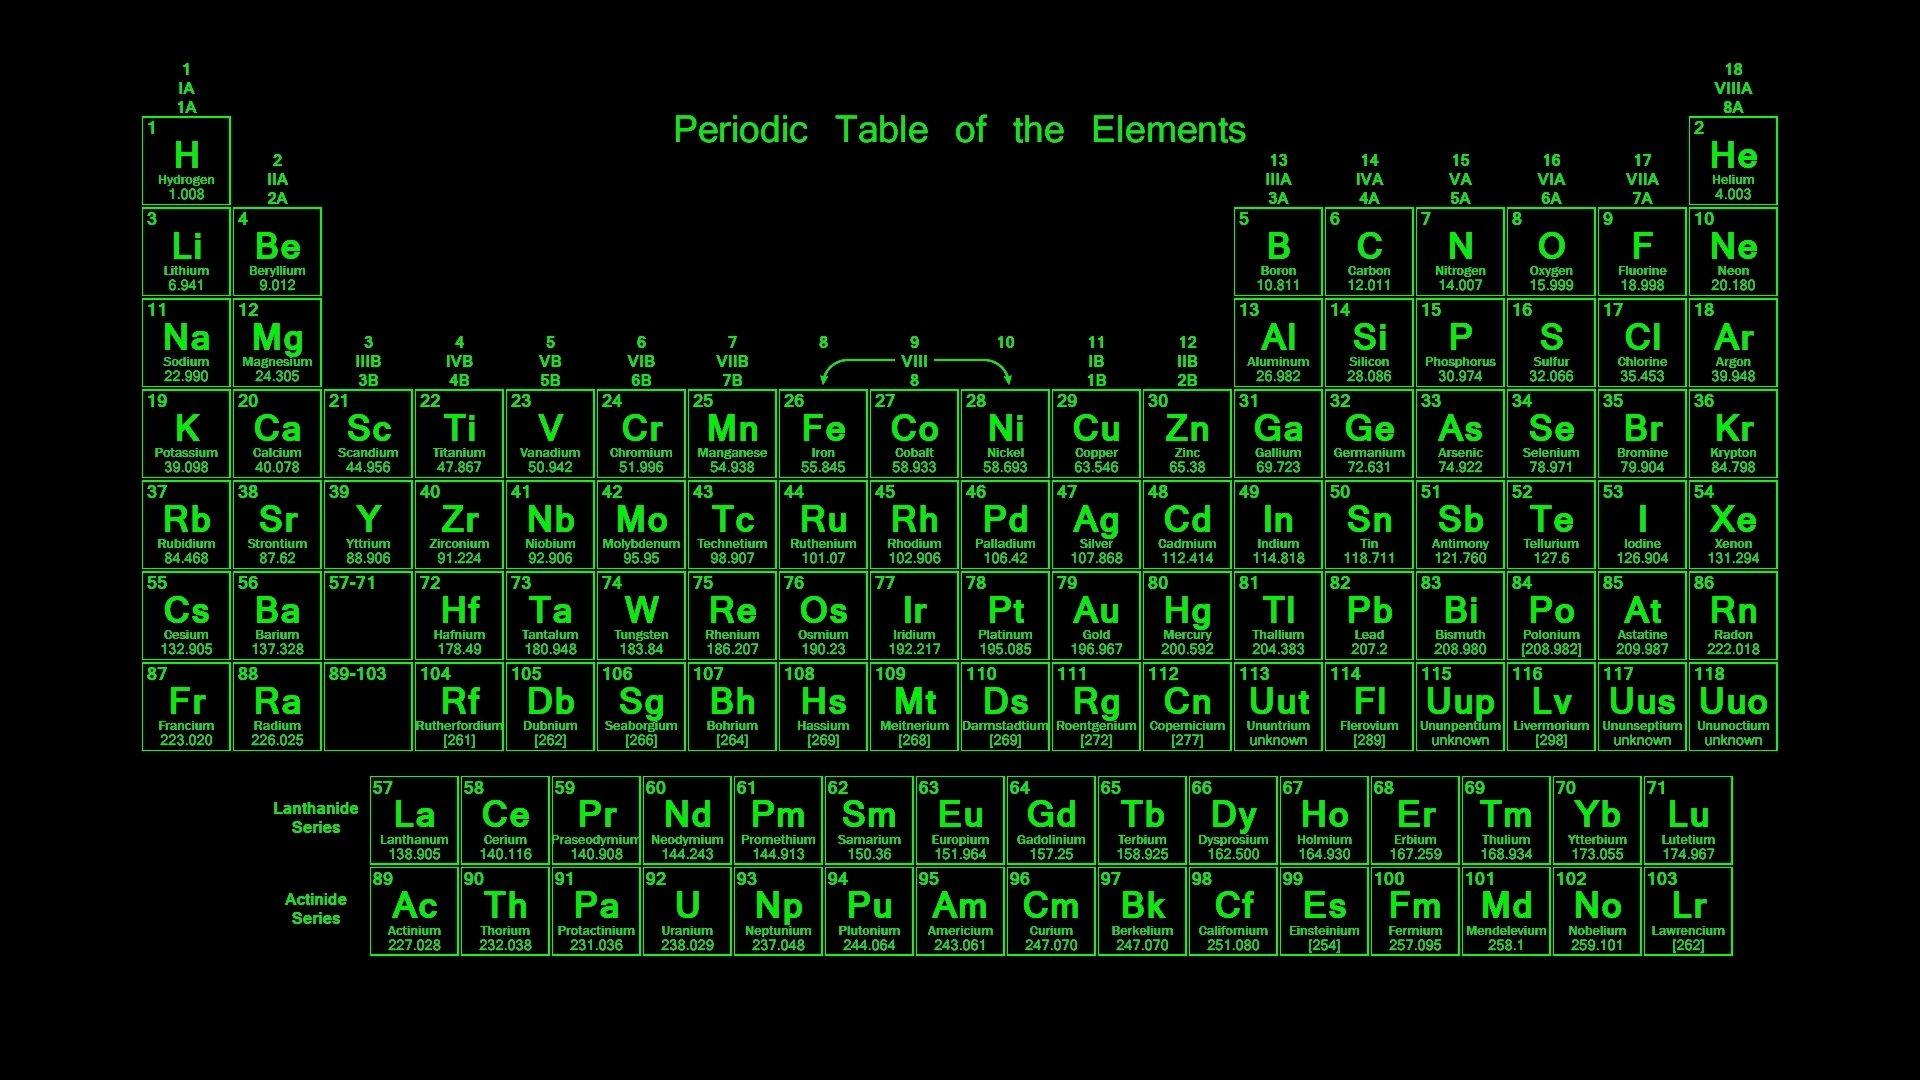 Descargar Fondos De Pantalla Tabla Periodica De Los Elementos La Quimica La Quimica De Los